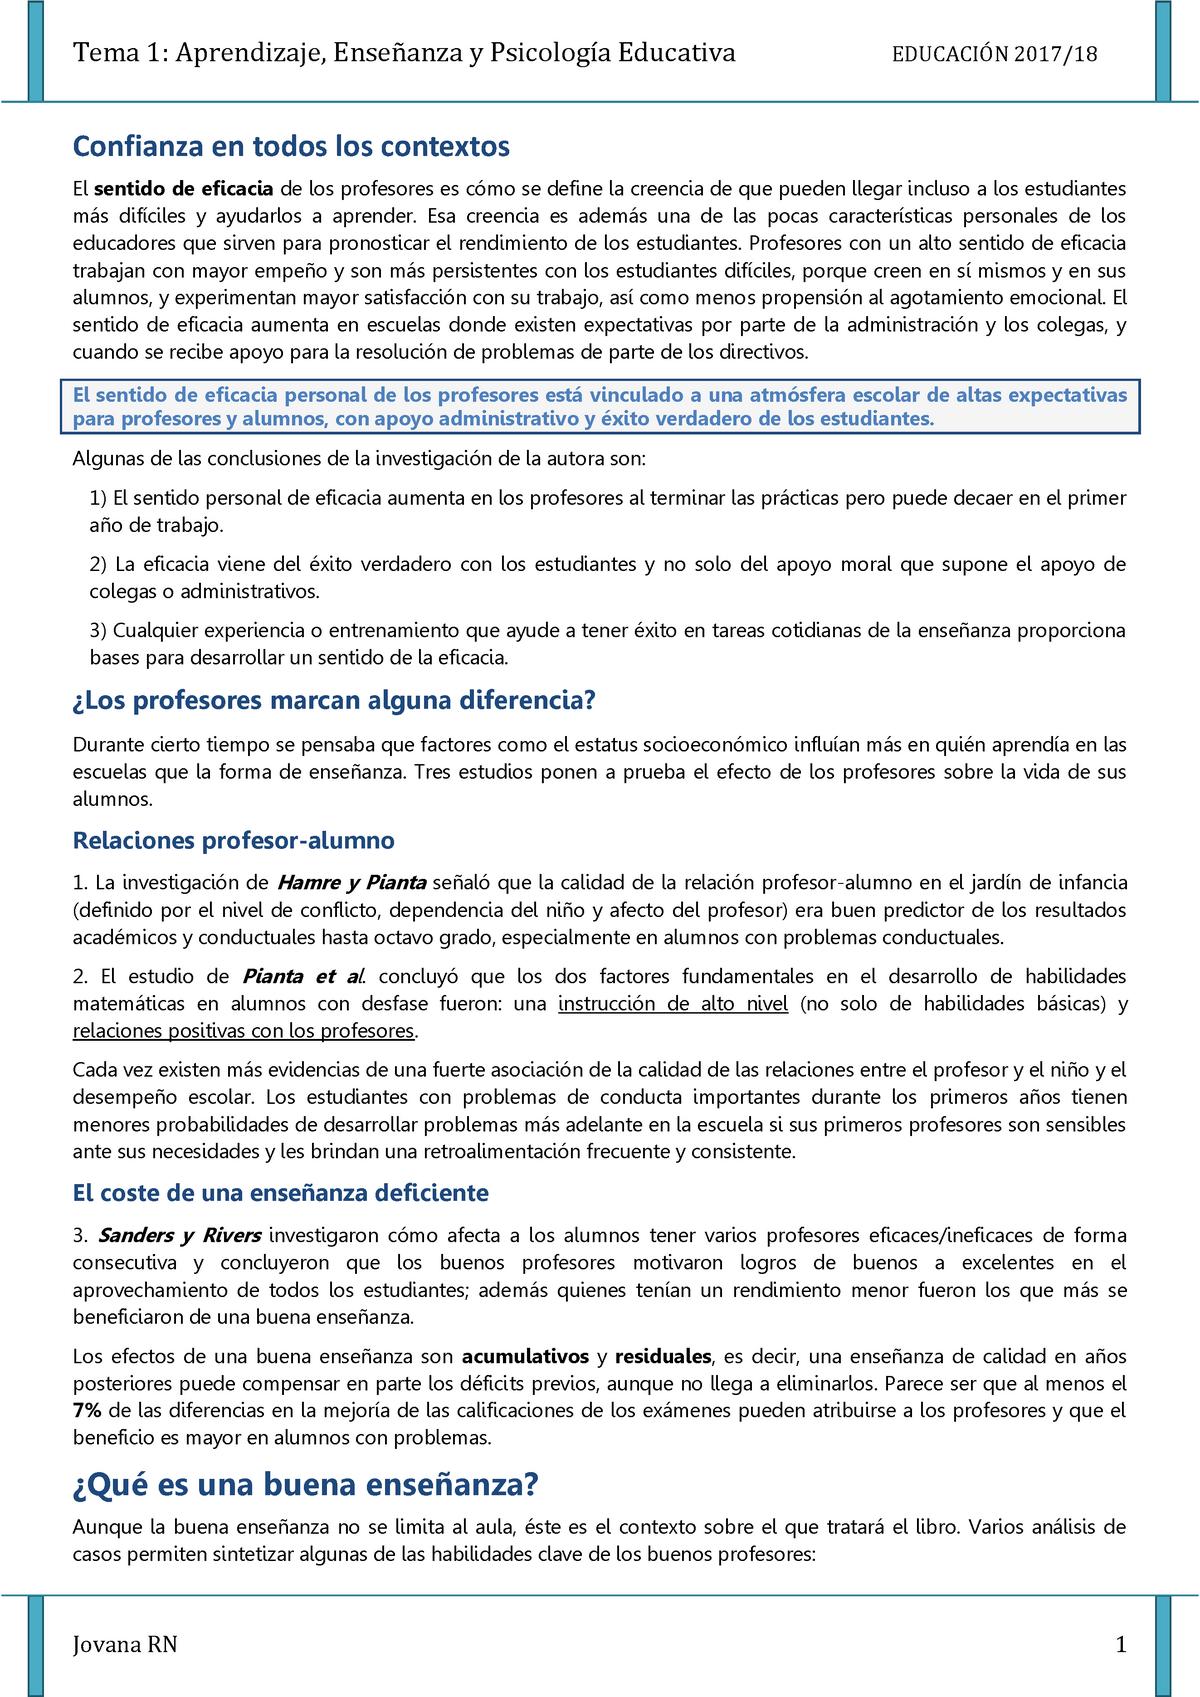 a77922708acb Educación Jovana RN (con directrices) - 62013042: Psicología de la  Educación - StuDocu